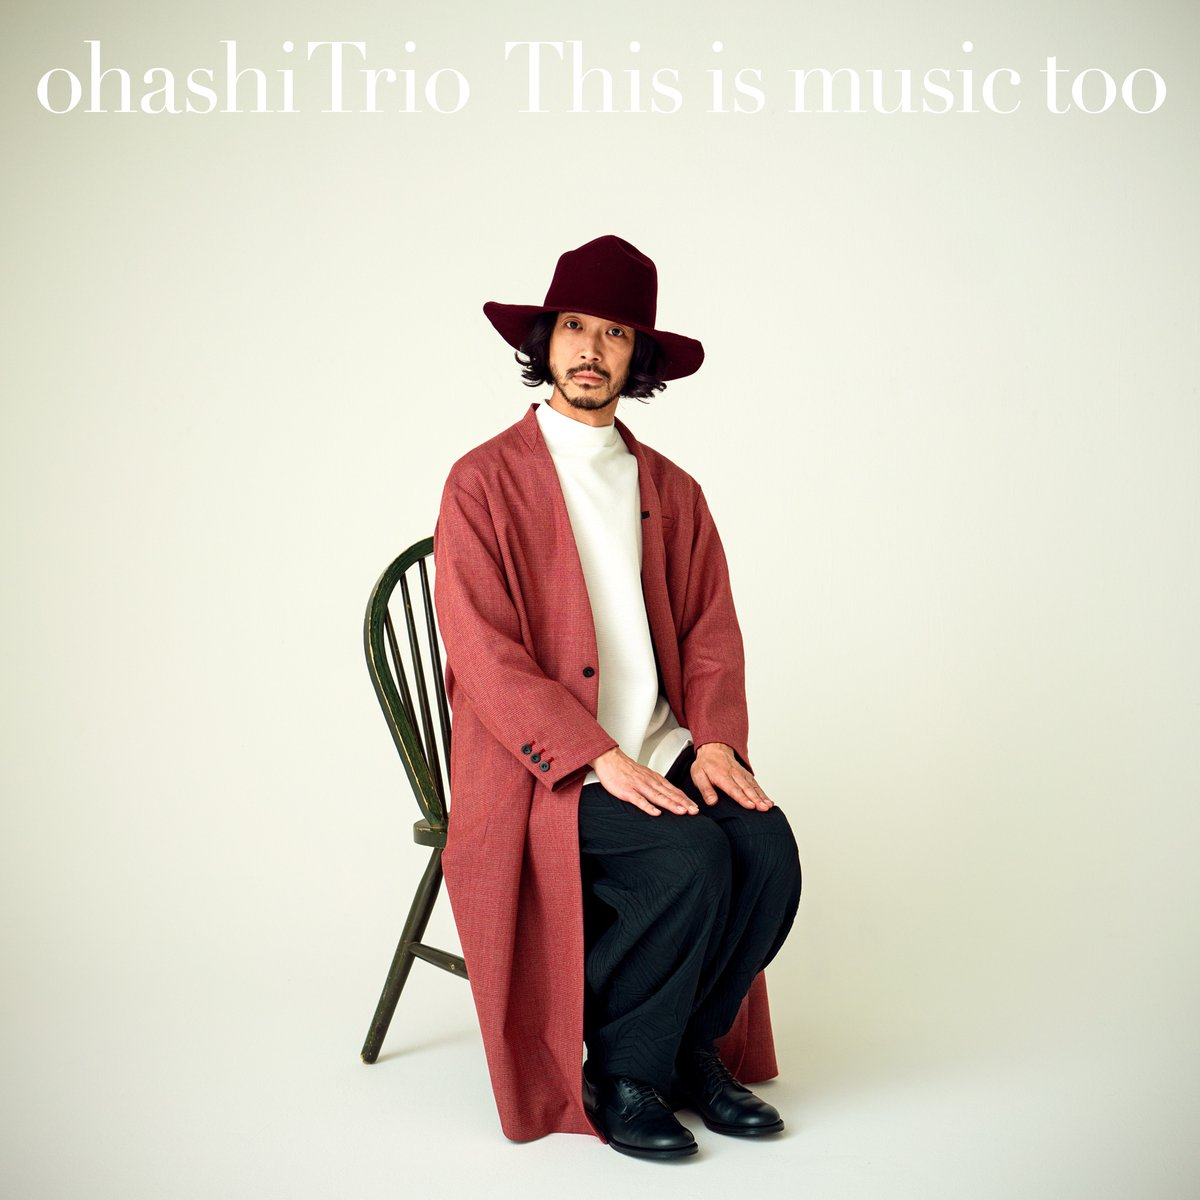 ----------------------本日24時より全曲配信!----------------------「This is music too」是非沢山聴いてください。24時より配信▼iTunes予約注文🍎間もなく終了ですのでお早目に。#大橋トリオ #ohashiTrio #Thisismusictoo